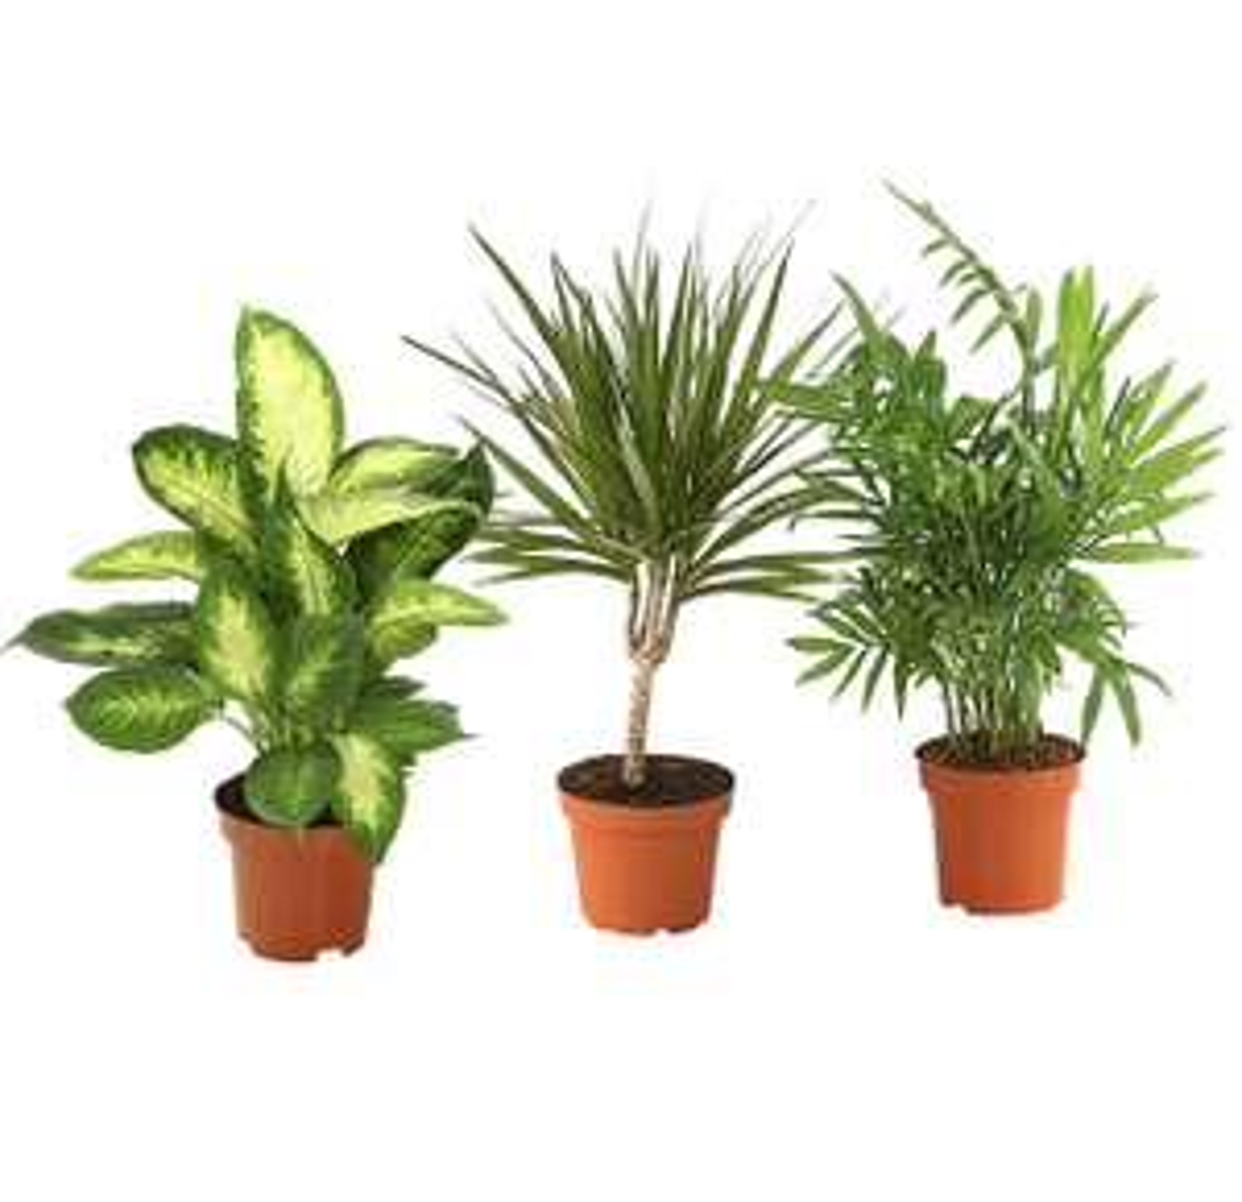 Bis zu 50% auf Weihnachtsartikel & Pflanzen* - in allen Dehner Märkten